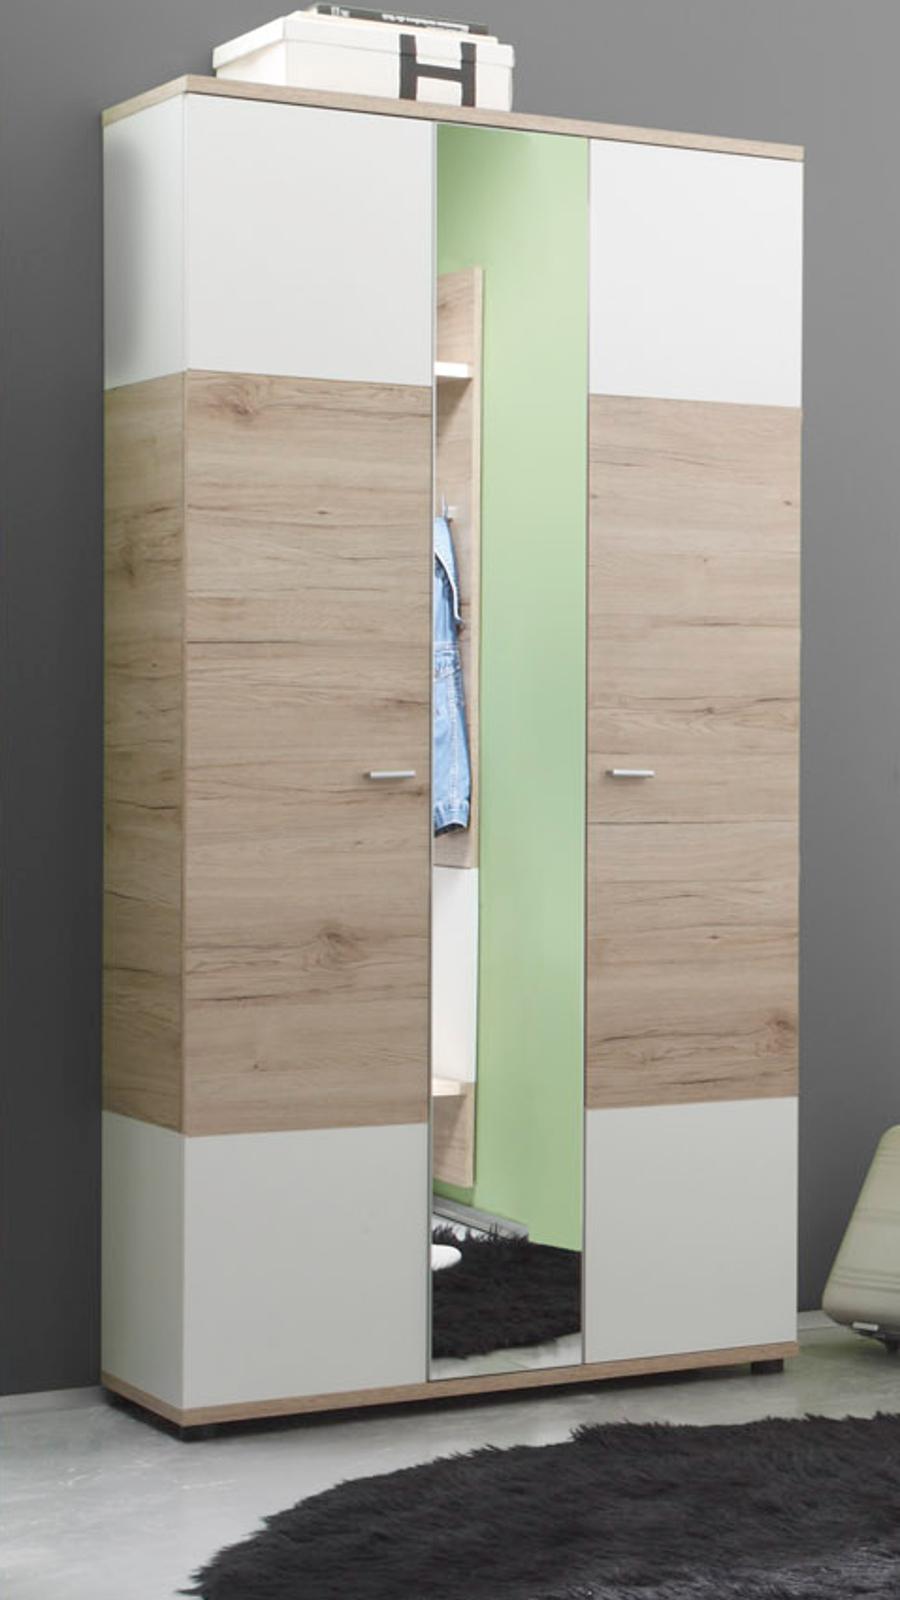 kleiderschrank schrank weiss nussbaum modell juzi breite. Black Bedroom Furniture Sets. Home Design Ideas